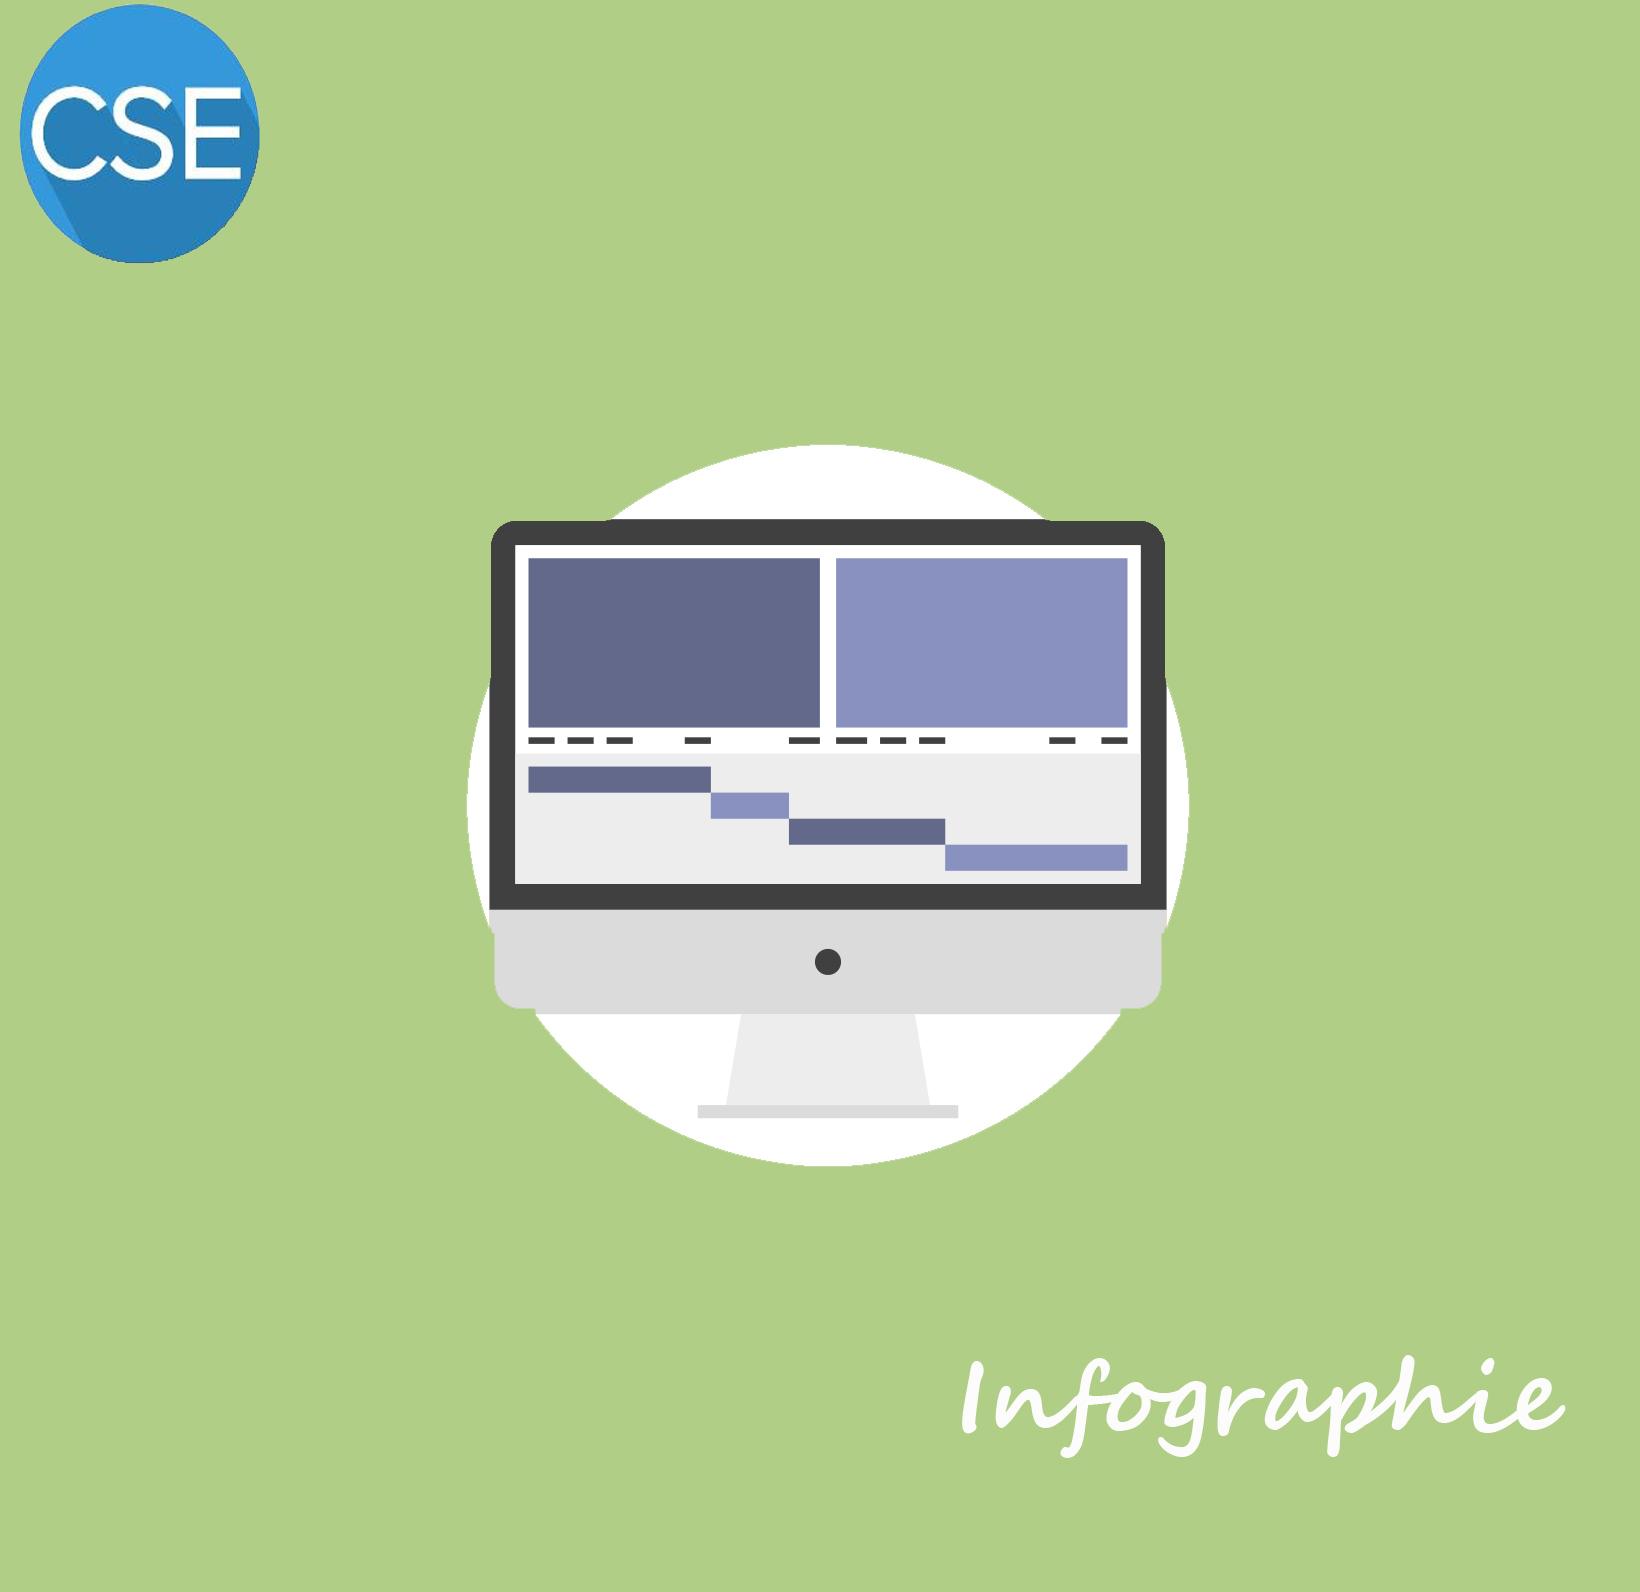 Les infographies du CSE